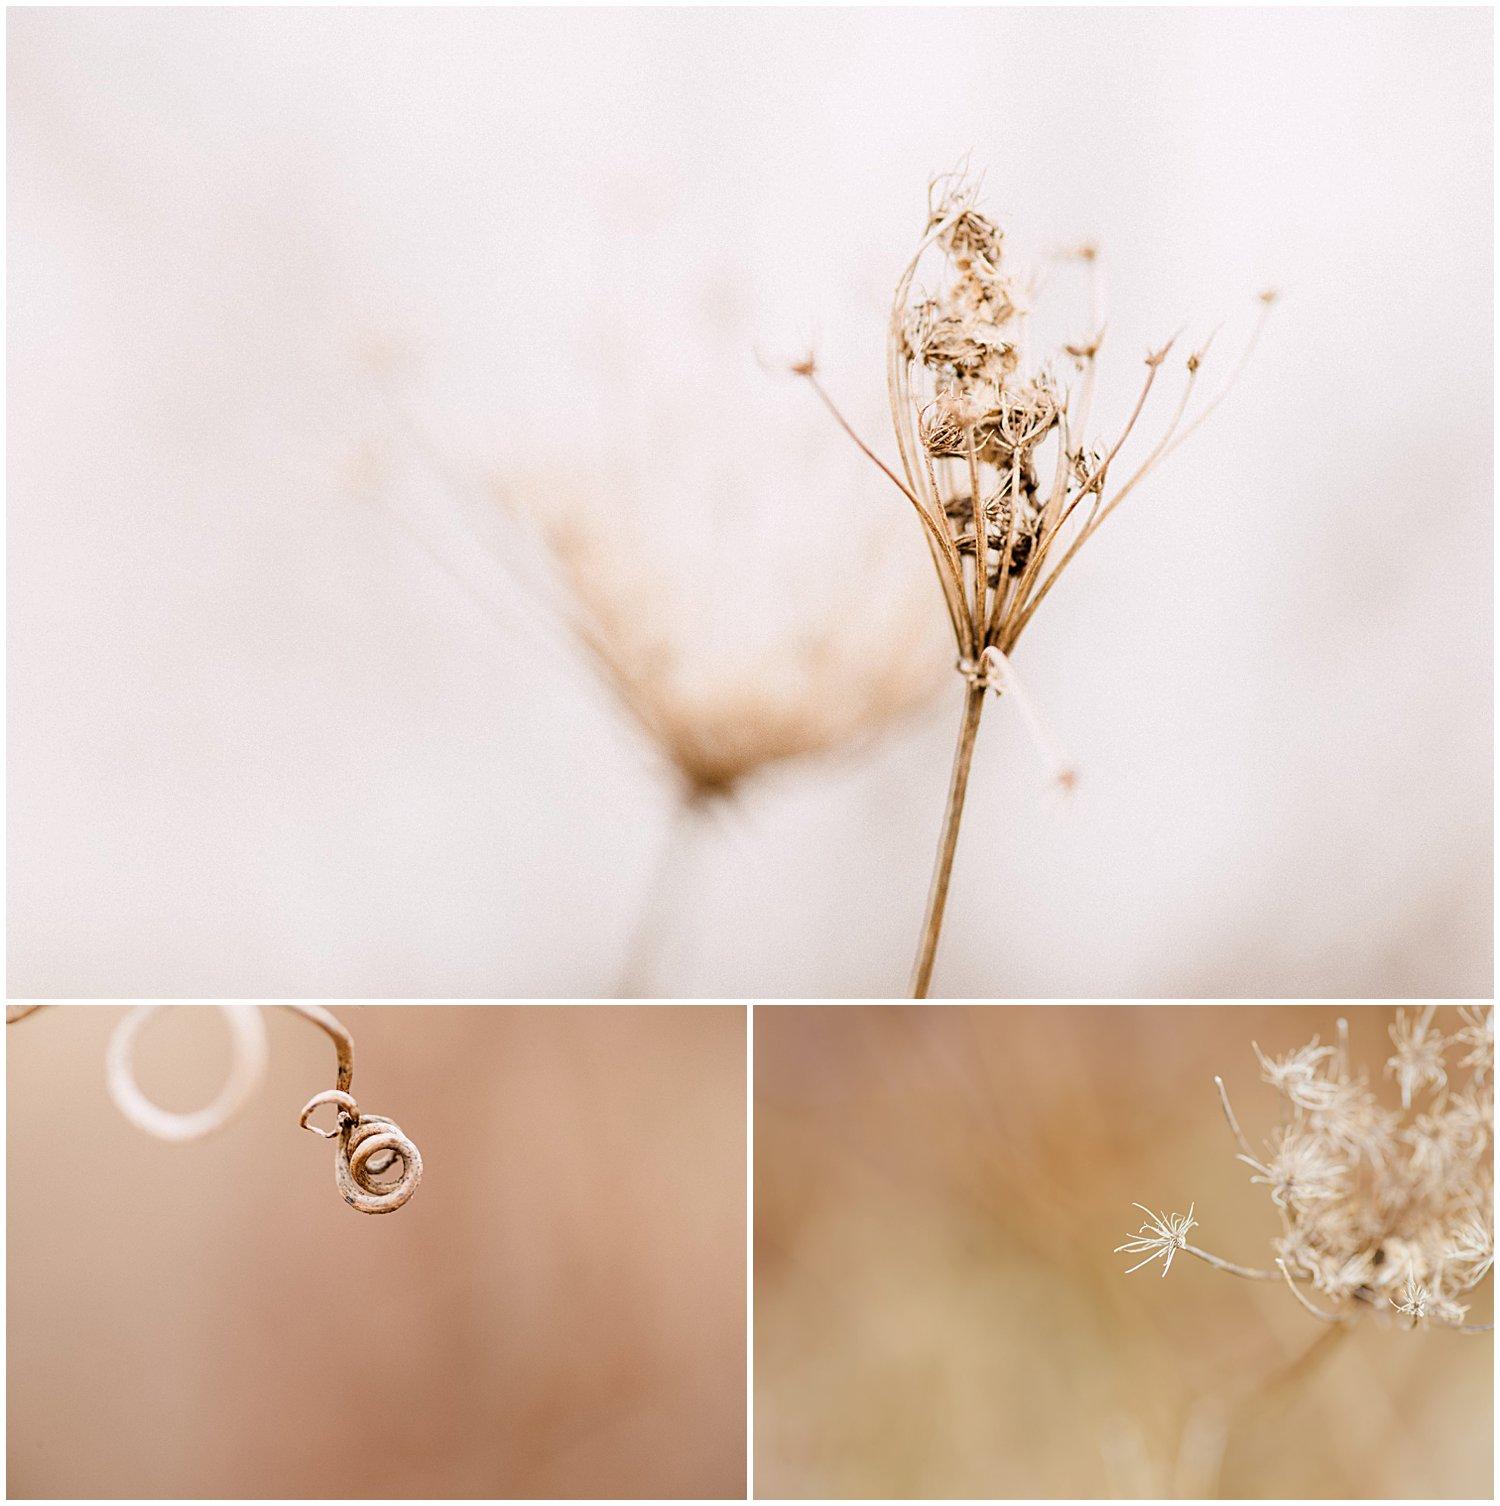 little-story-studio-greensburg-photographer-macro-nature-walk-winter-4.jpg